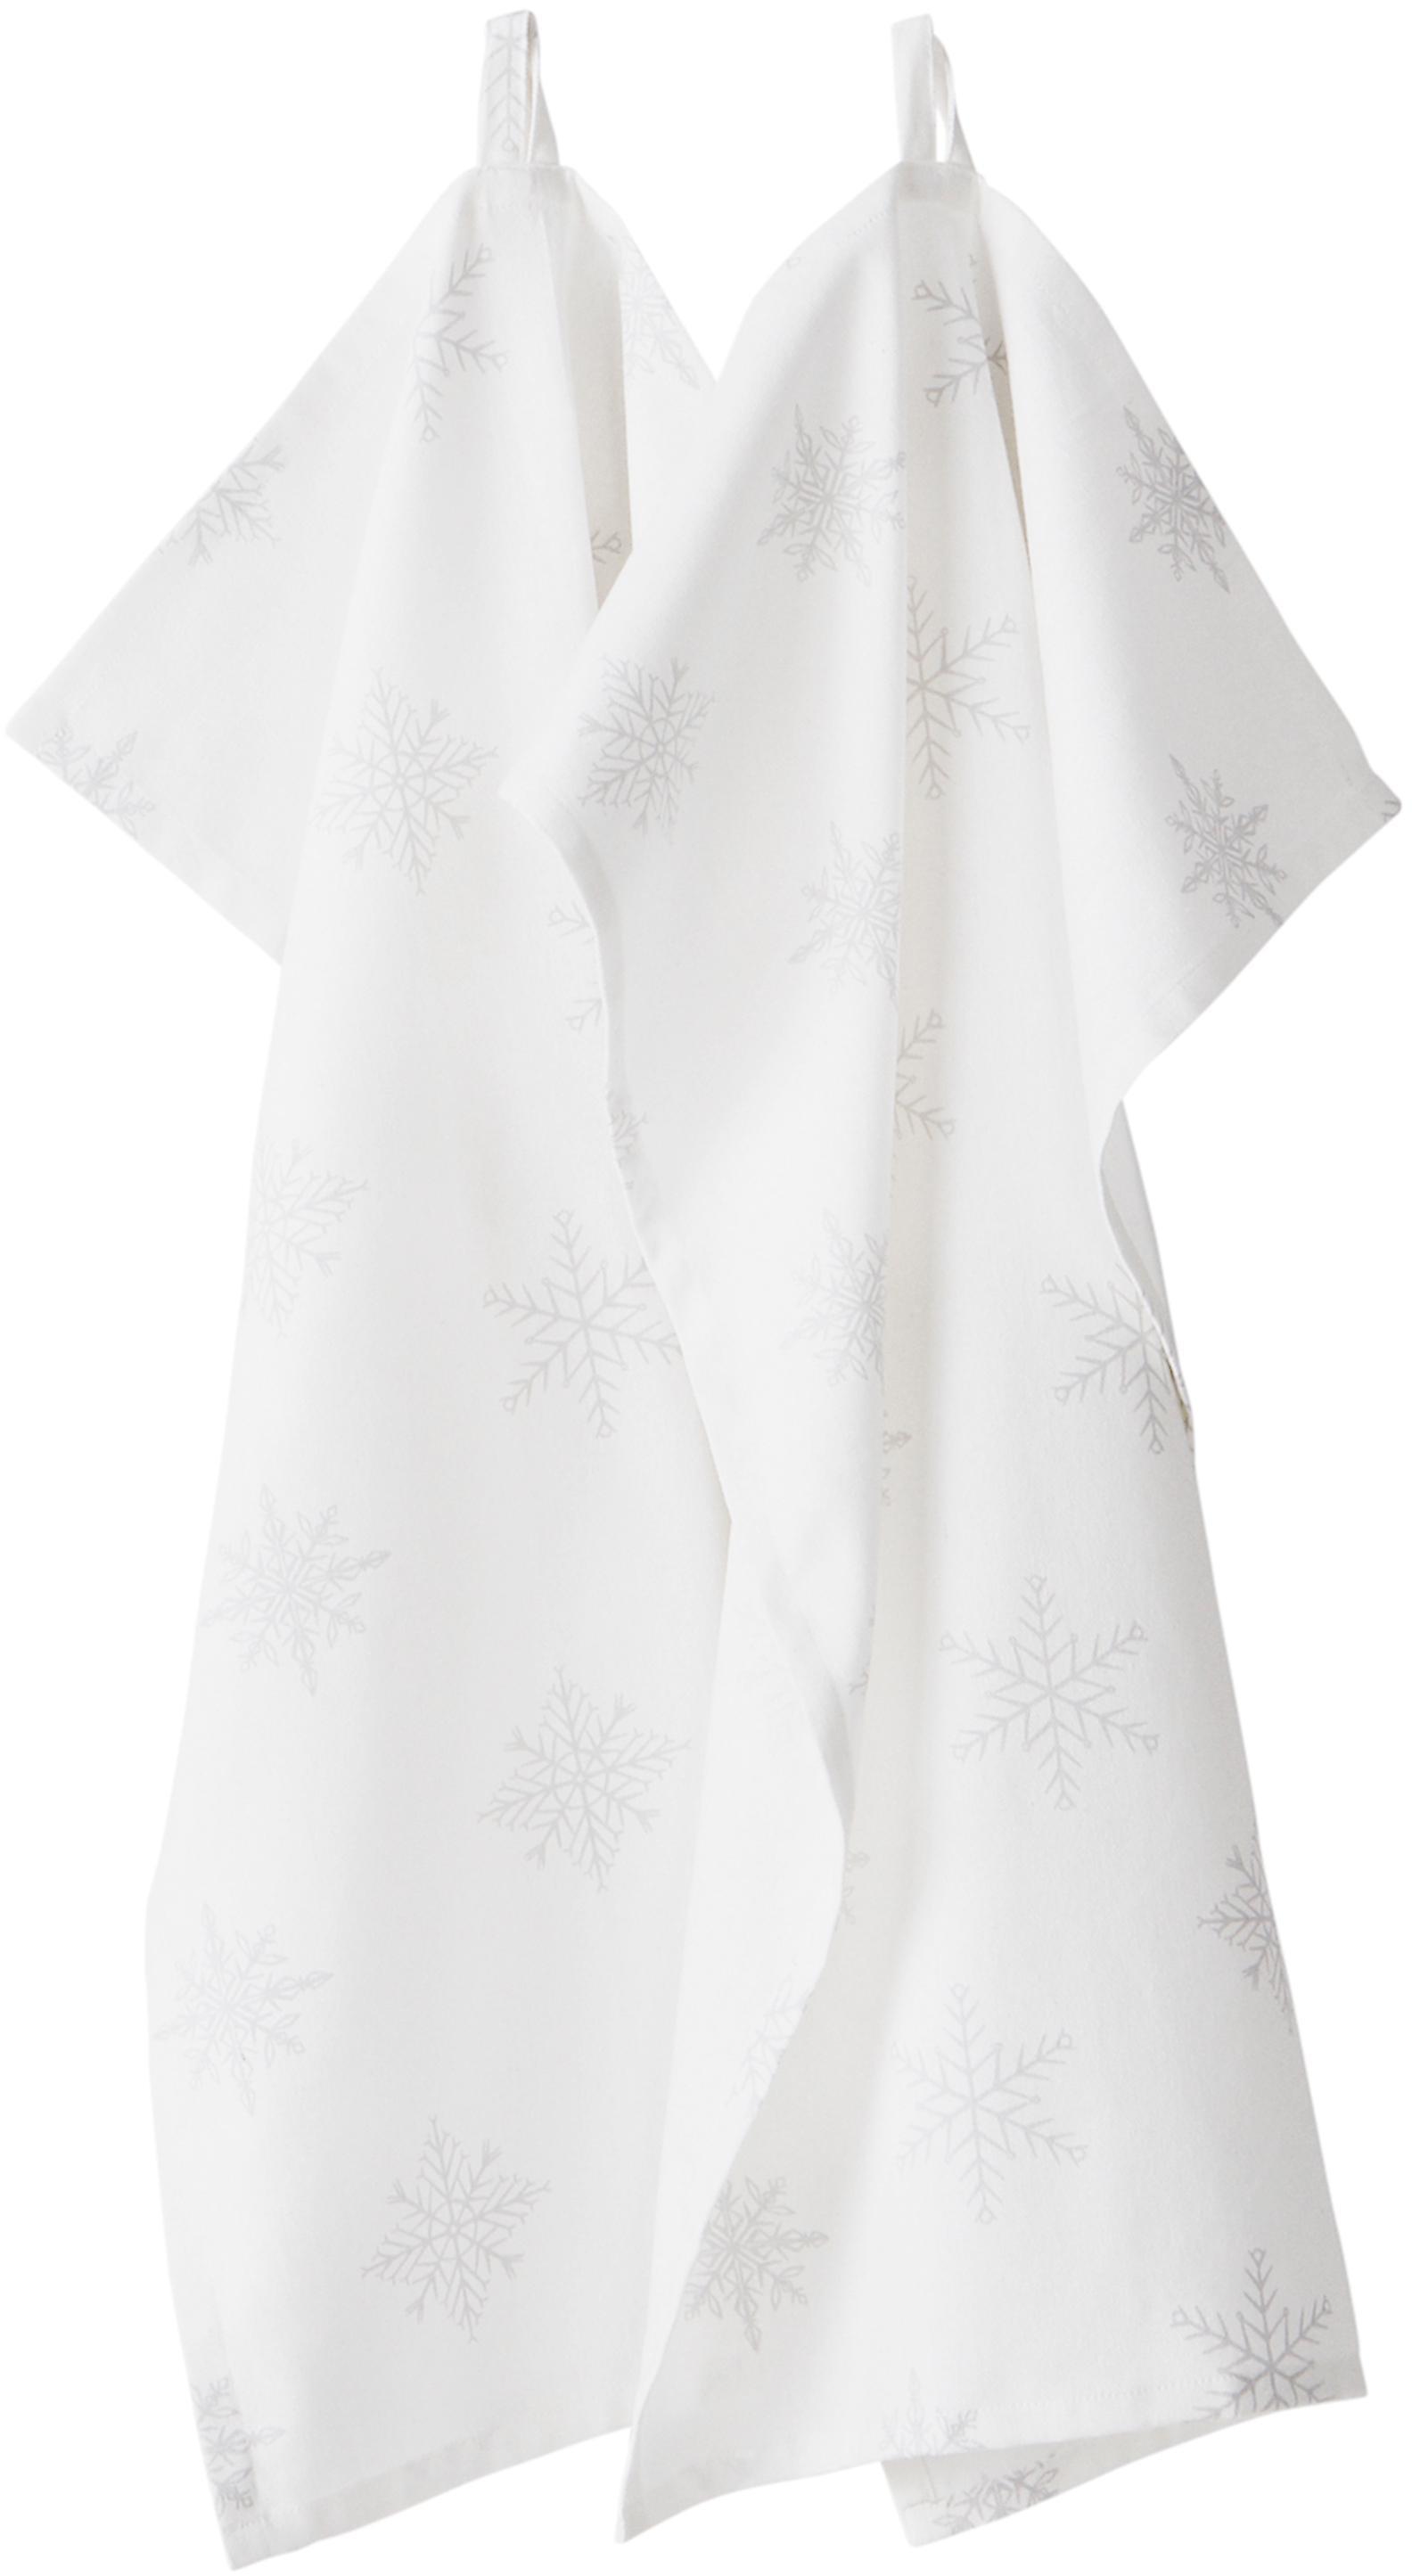 Paños de cocina Snow, 2uds., 100%algodón de cultivos sostenible de algodón, Blanco crema, gris claro, An 50 x L 70 cm